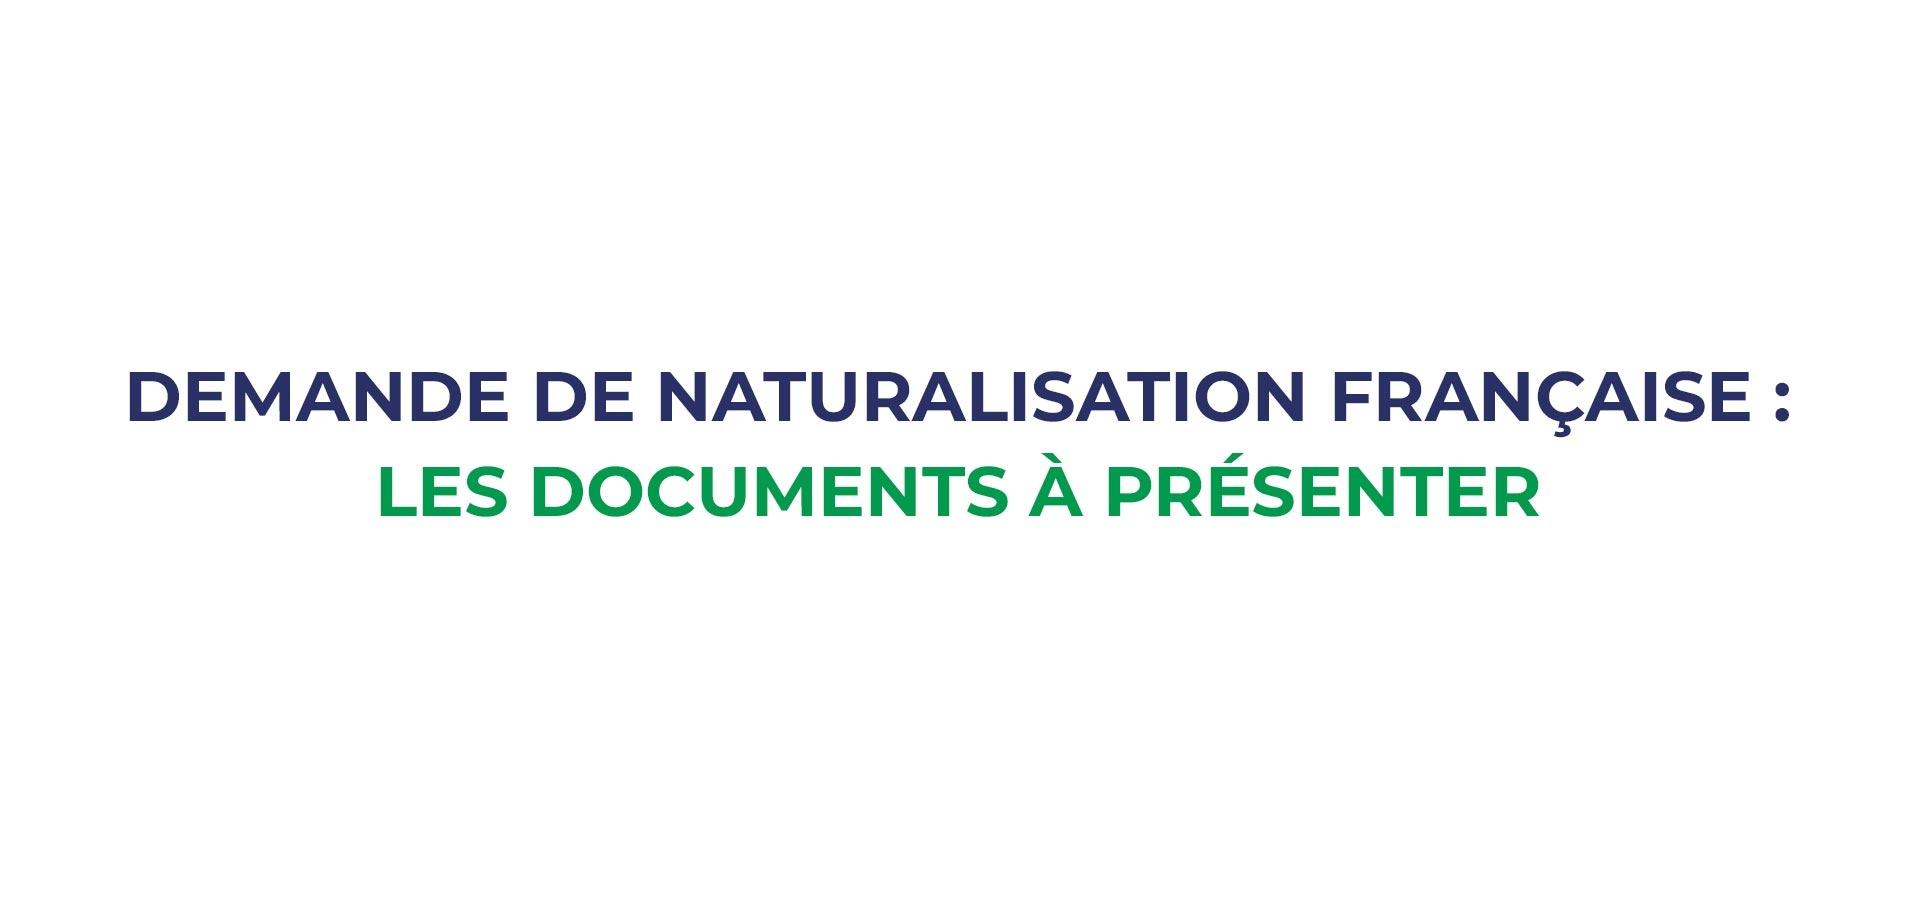 Obtenir la nationalité française par naturalisation - quels documents dois-je présenter ?